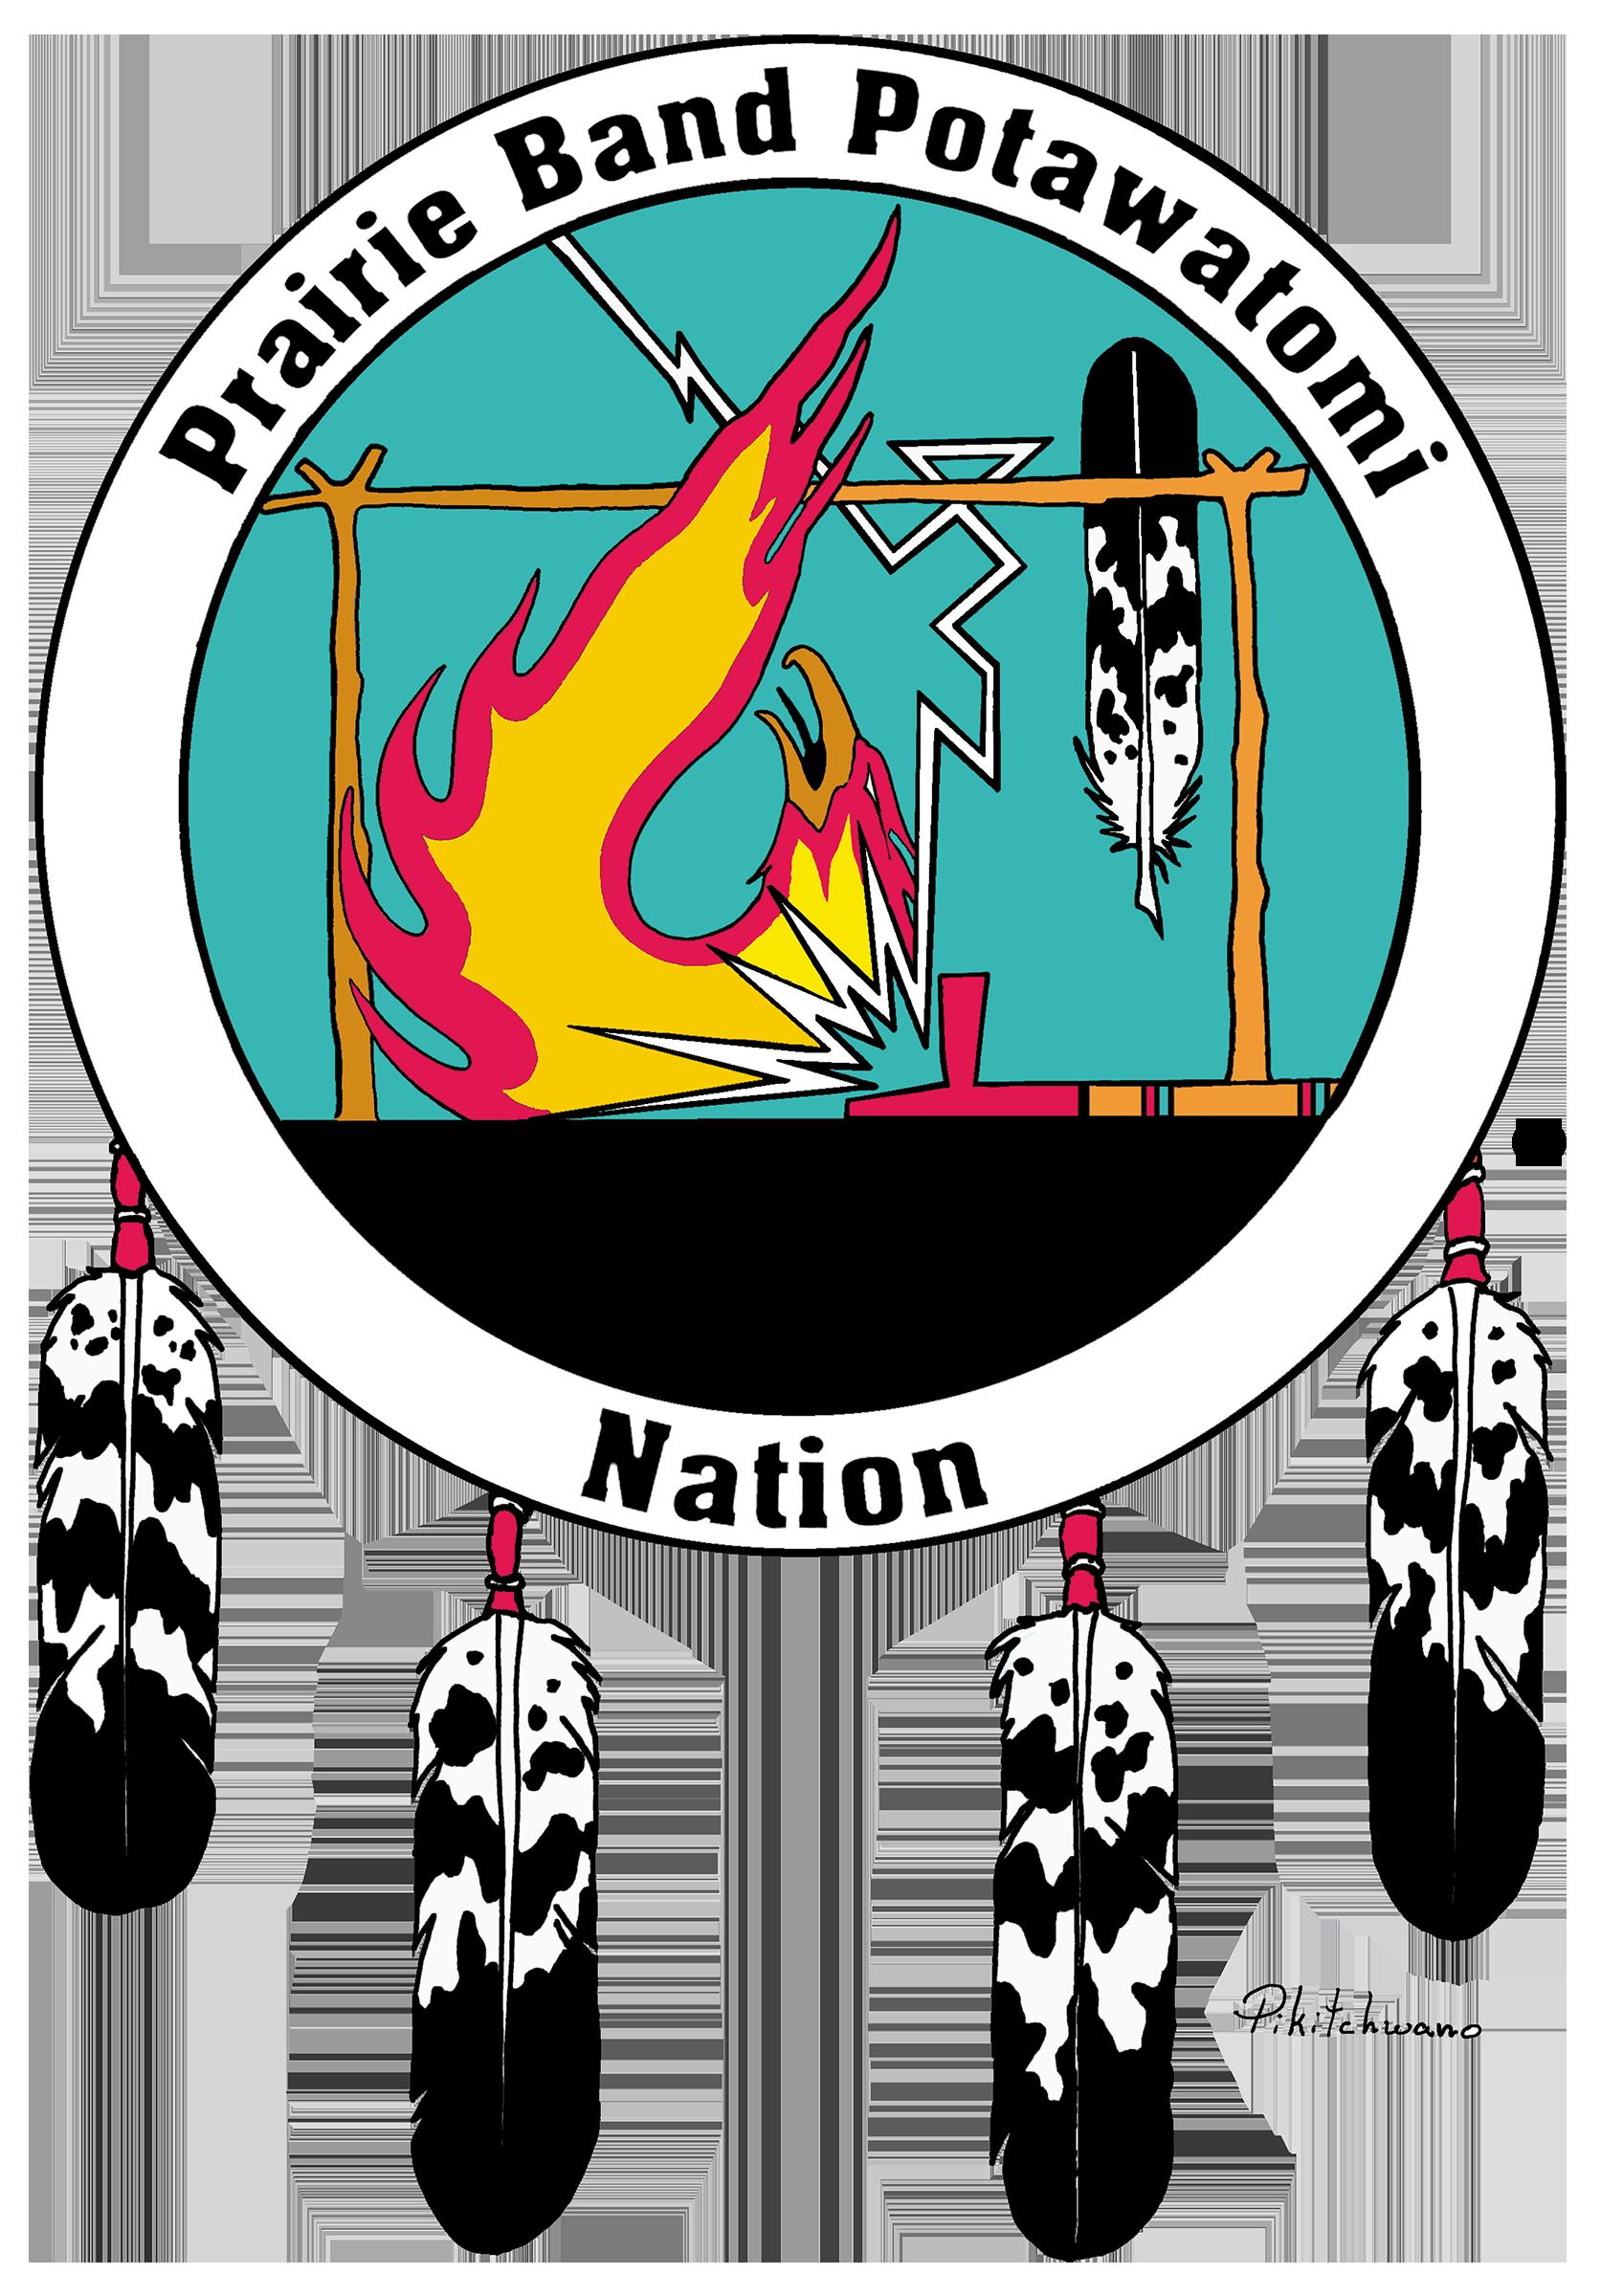 Prairie Band Potawatomi Nation